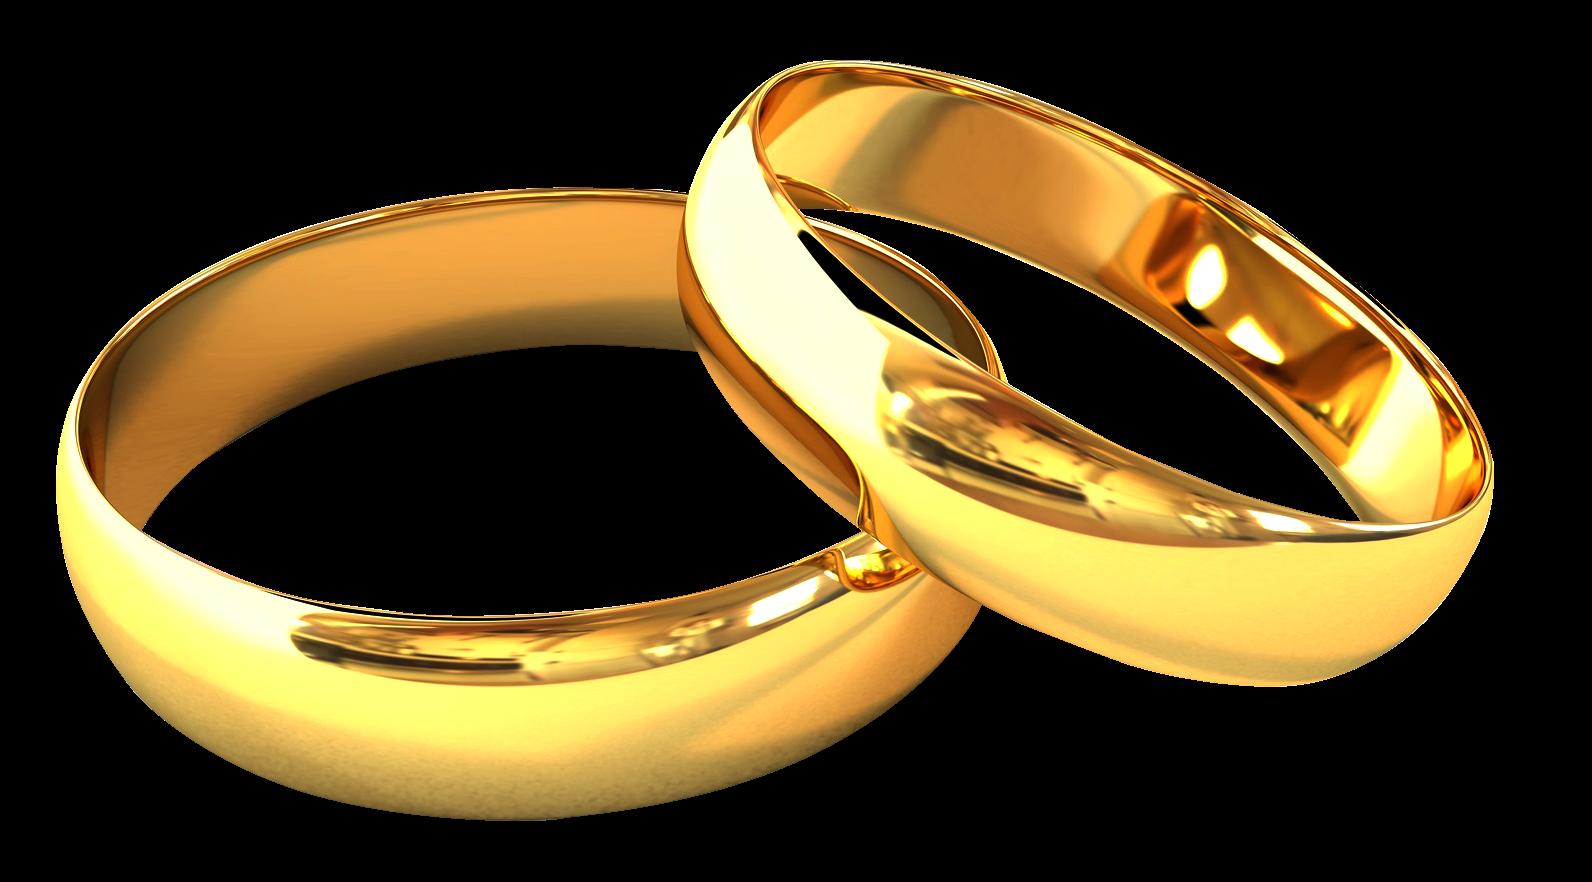 Kaia joyas la alianza un anillo para toda la vida - Anillo de casado mano ...